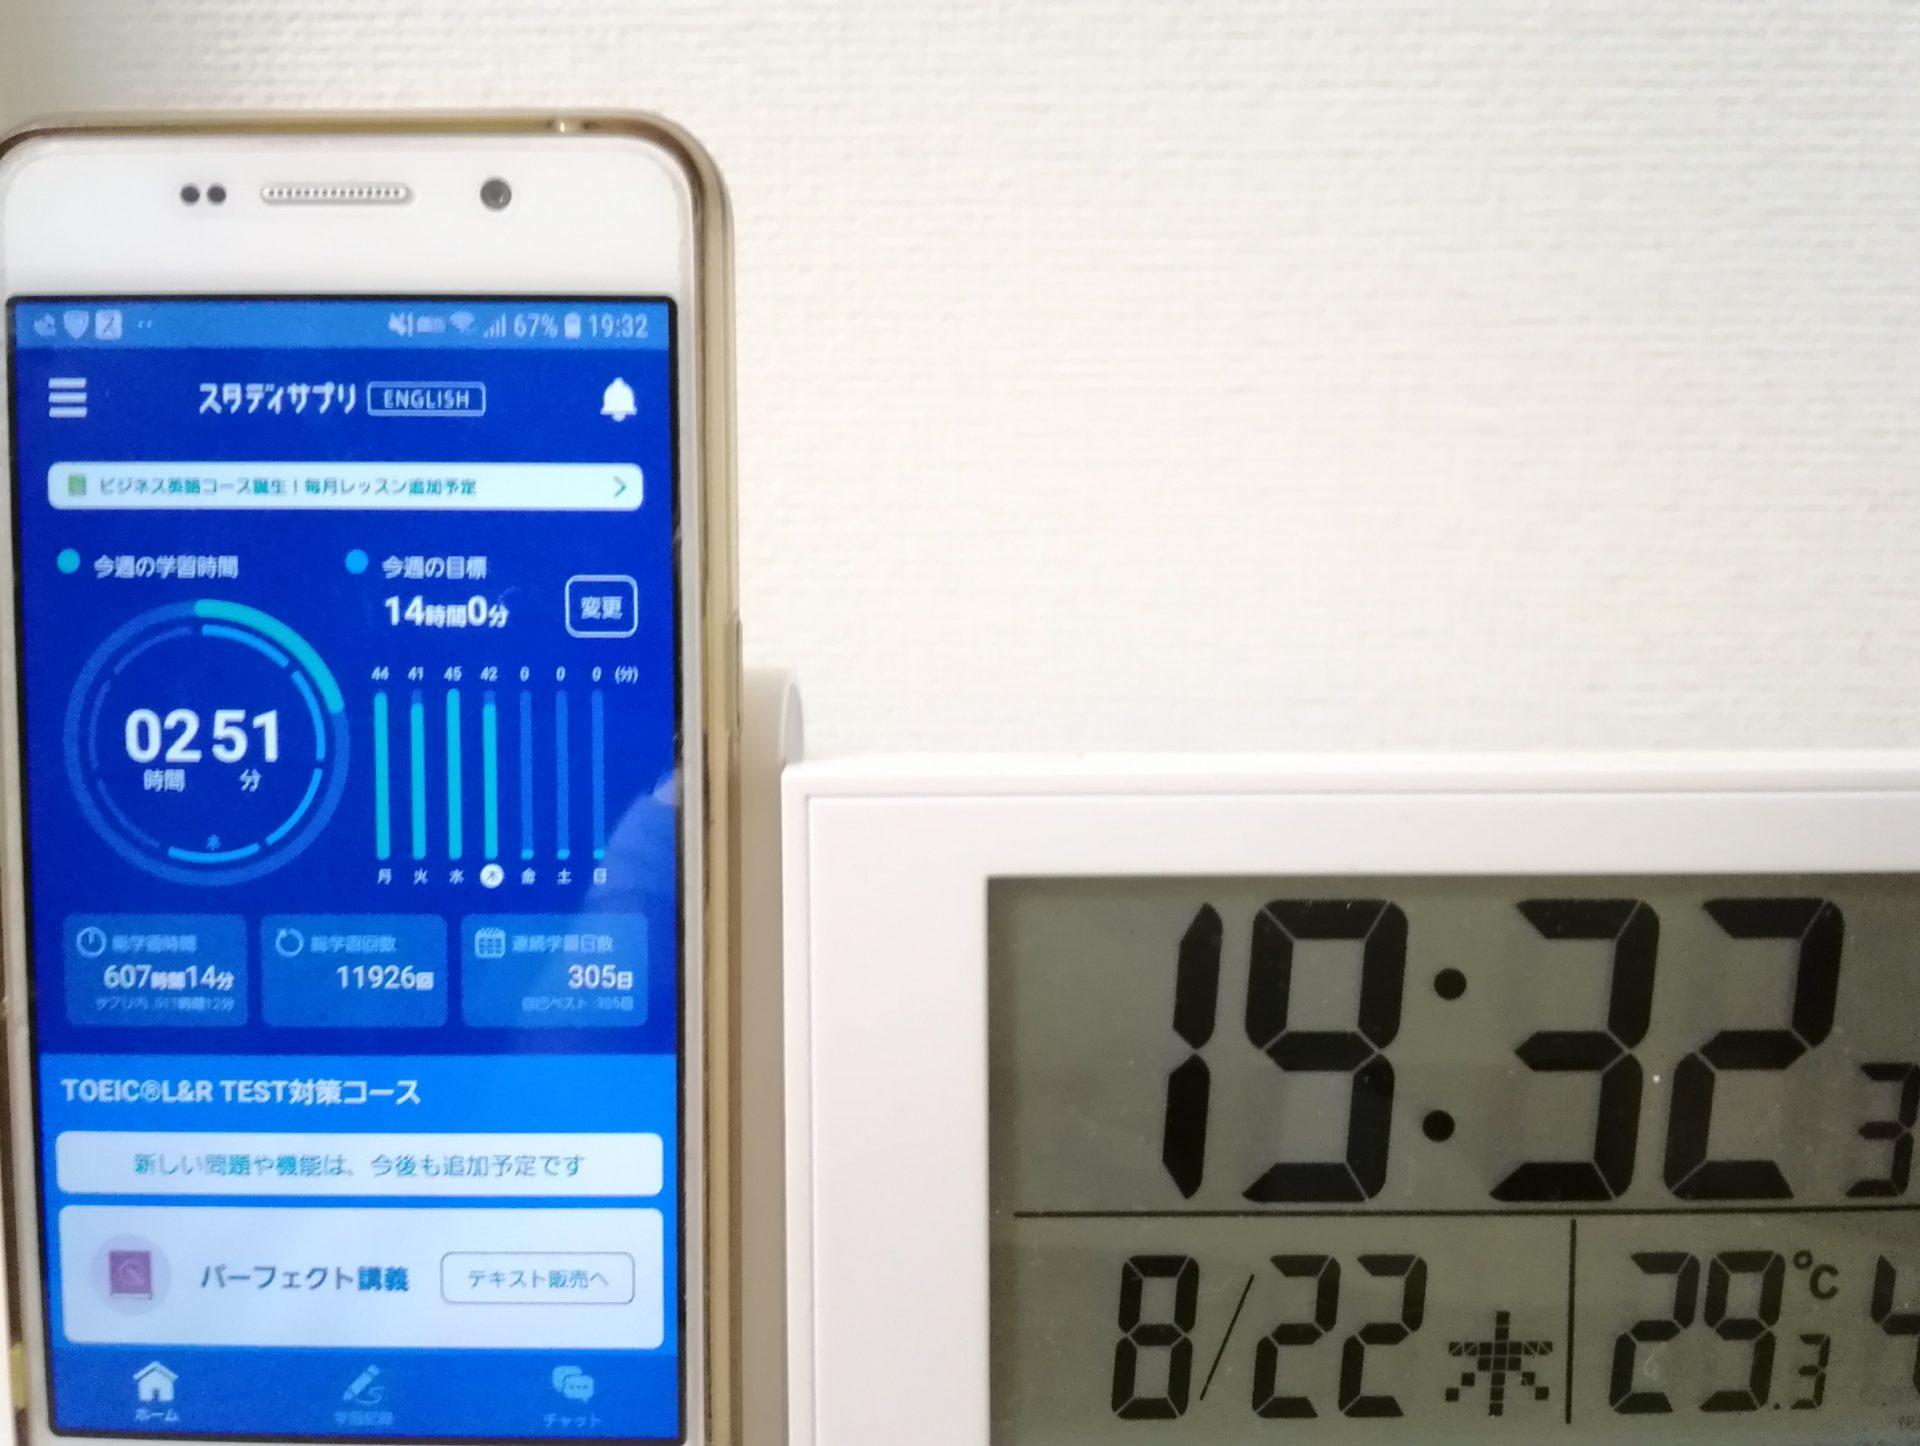 304日目スタディサプリTOEICブログ写真②